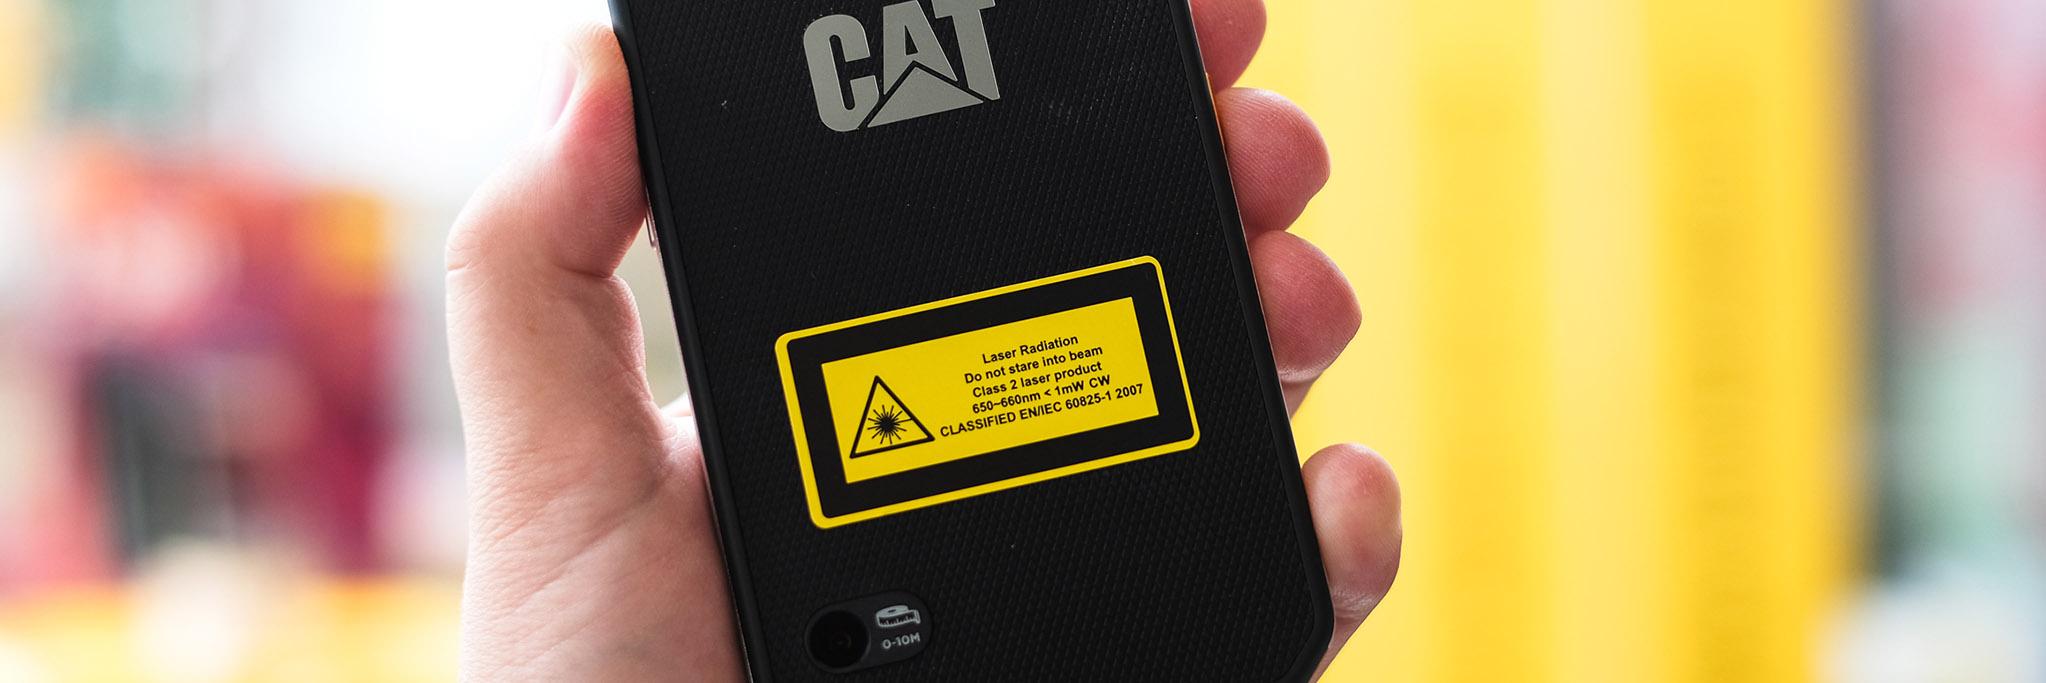 misuratore laser cat s61